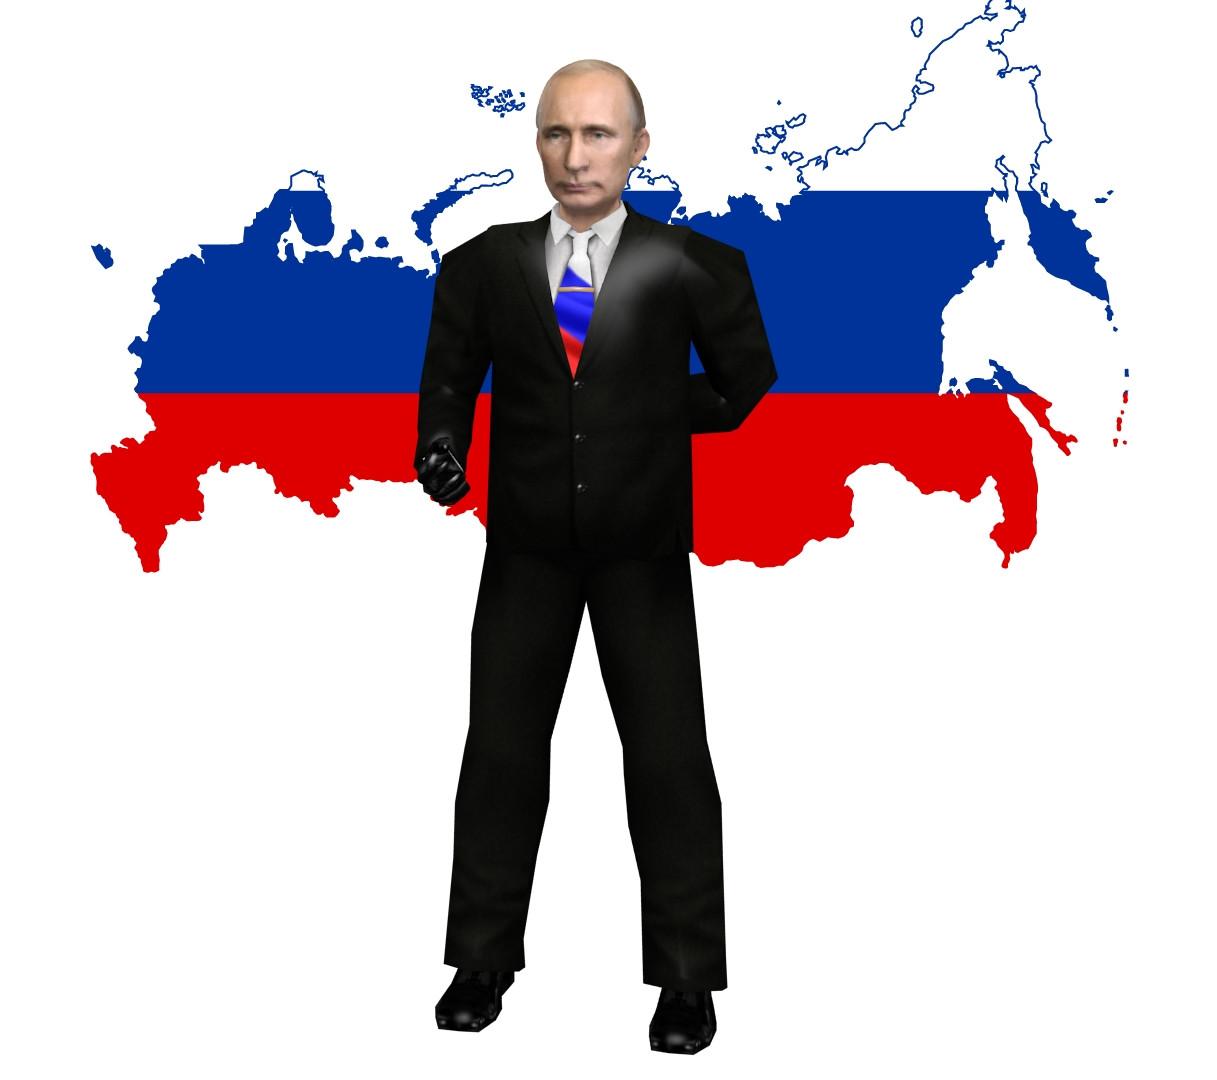 دانلود اسکین پلیر پوتین (Trr) Putin برای کانتر 1.6